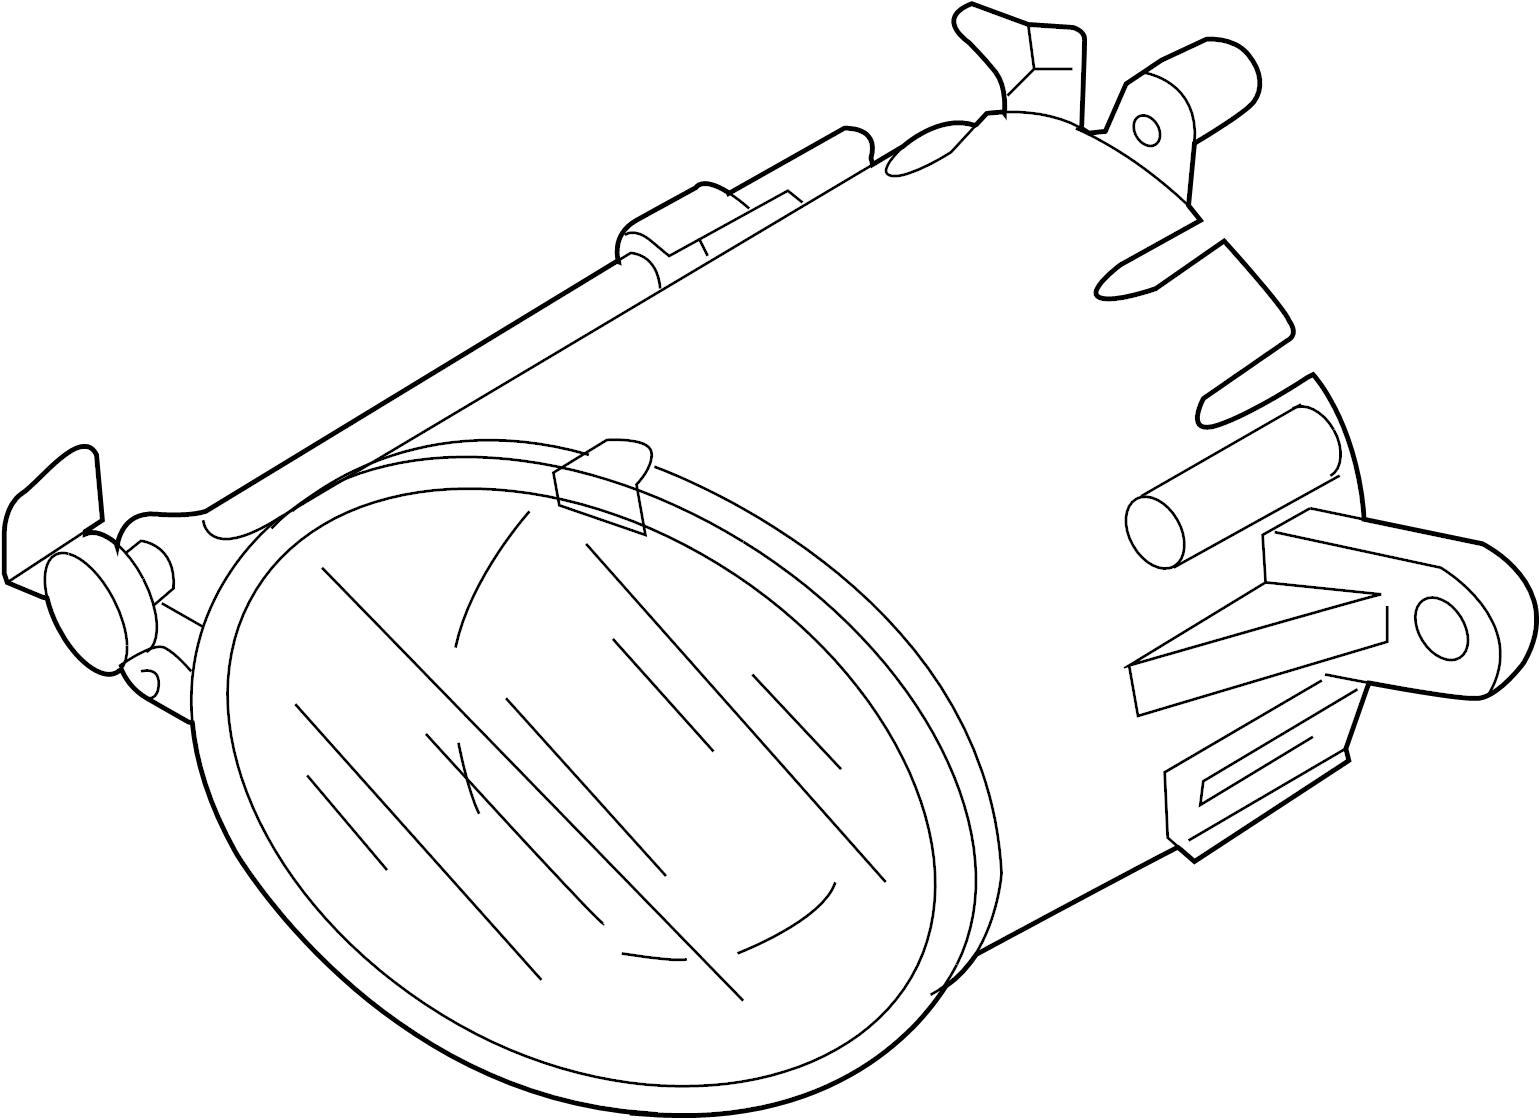 Audi Q7 Halogen Bulb For Low Beam Light Bulb Lightadditional